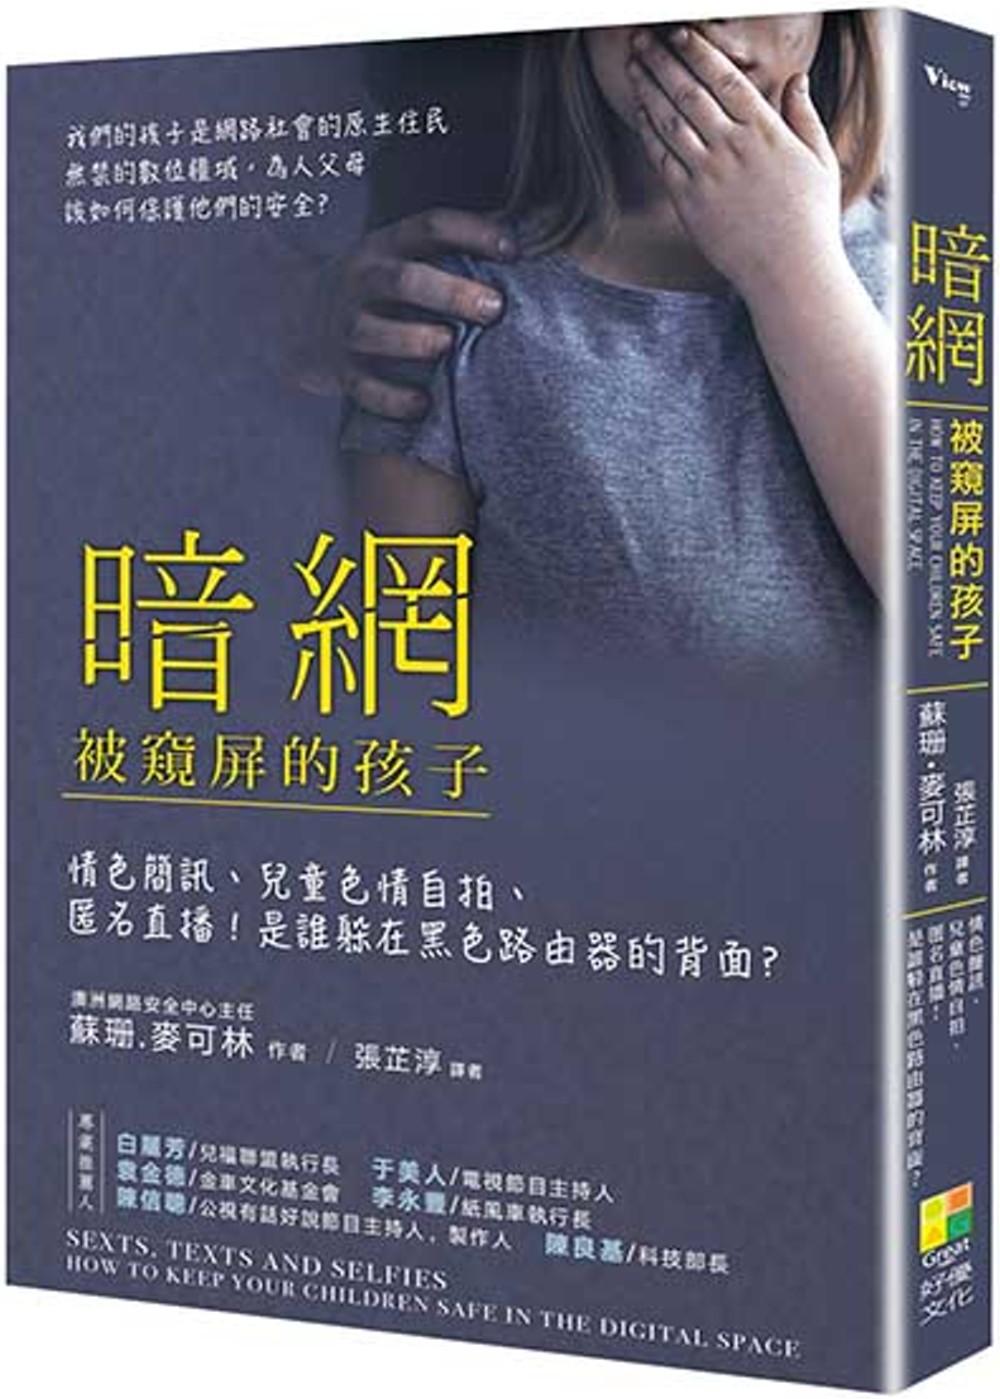 ▲▼書籍《暗網:被窺屏的孩子》。(圖/好優文化提供,請勿隨意翻拍,以免侵權。)